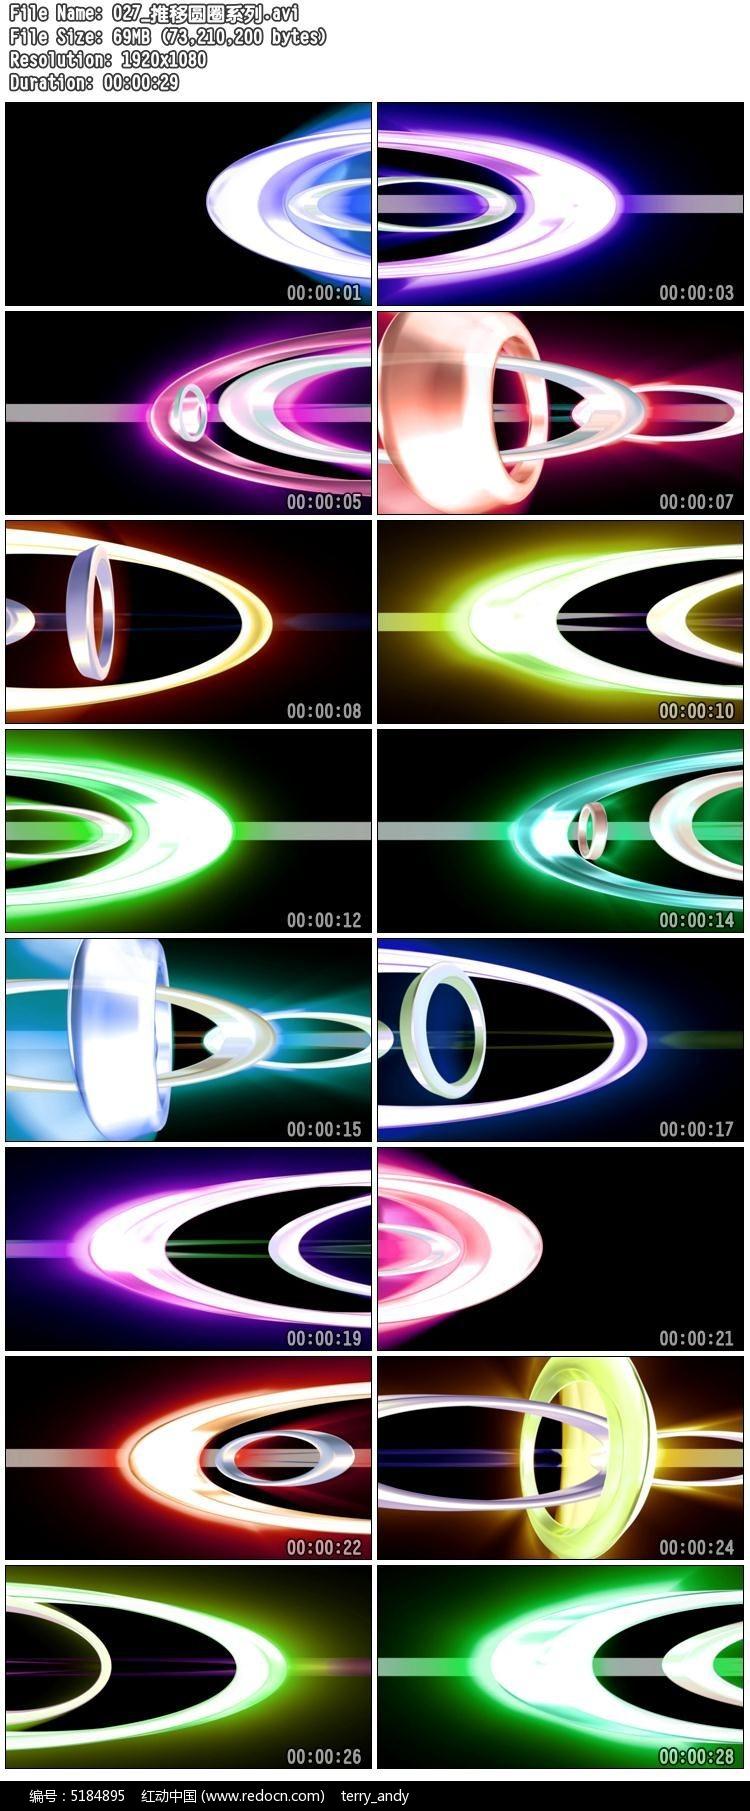 推移炫丽彩色圆圈圆点波点炫动舞台背景视频素材图片